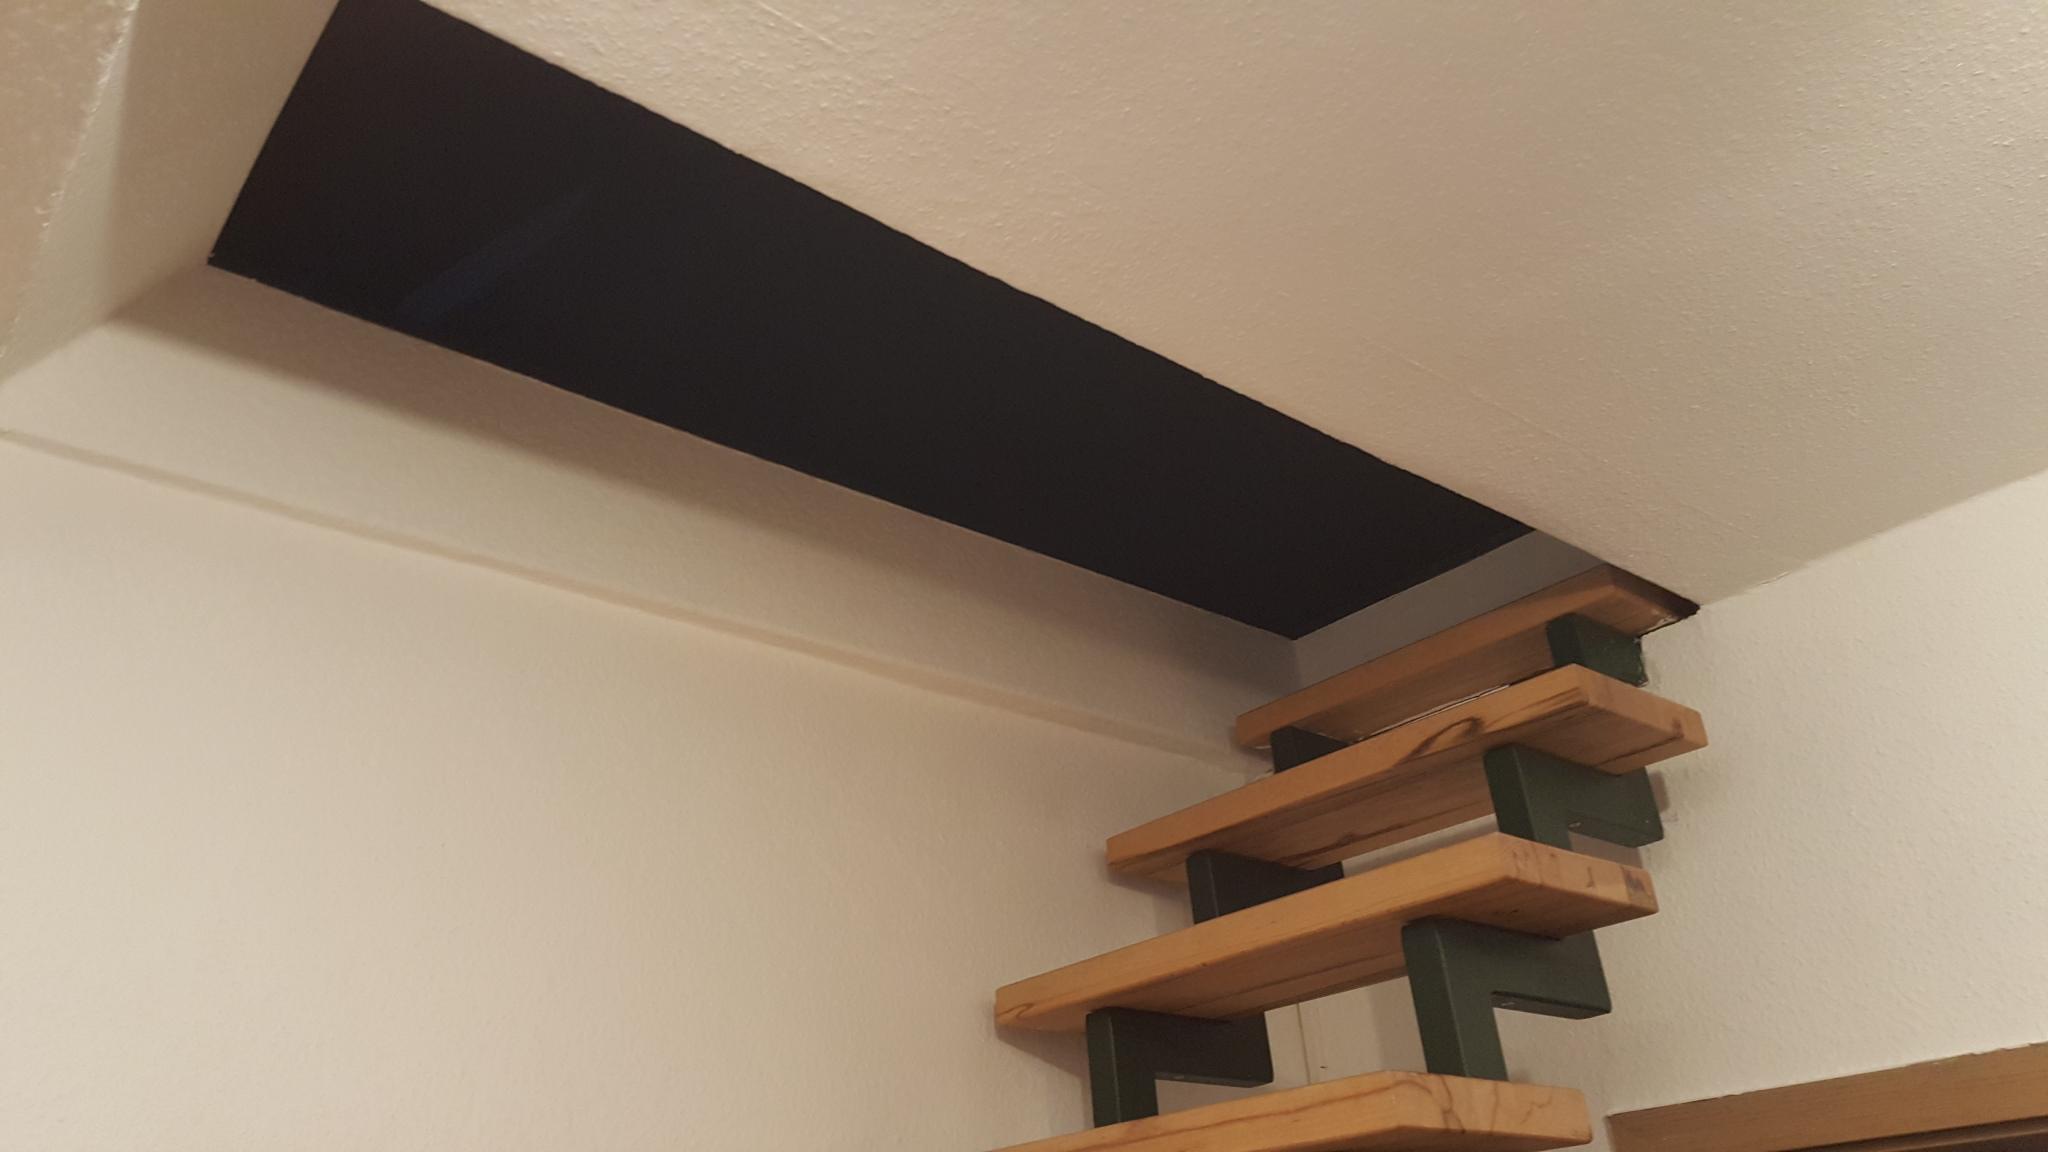 Gewaltig Dachboden Ausbauen Treppe Dekoration Von Extrem Luke Täglich Öffnen Und Schließen (,